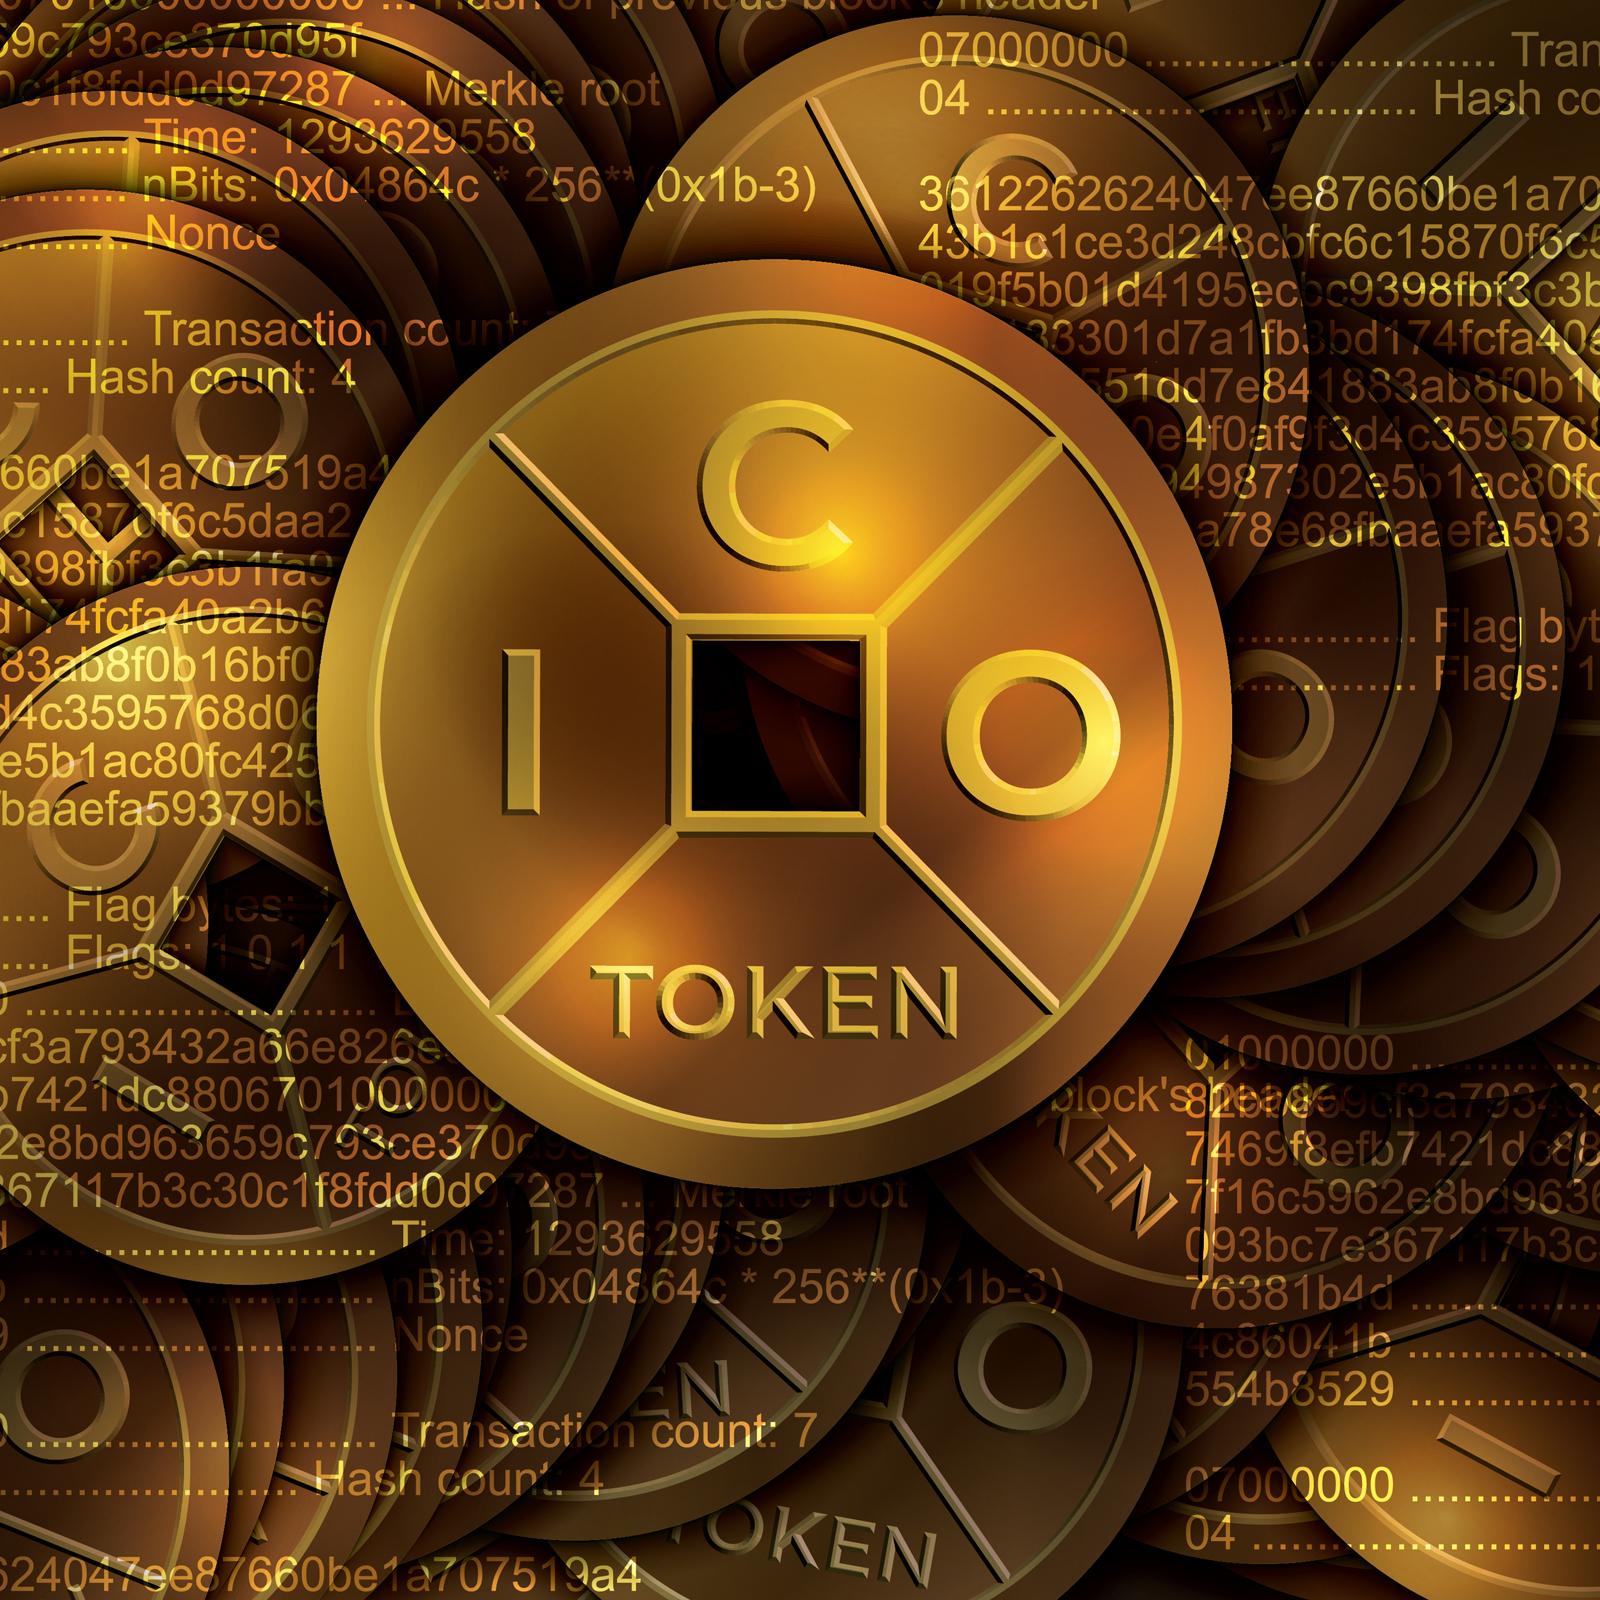 Lanzamiento de un Token ICO en Ethereum en Menos de Treinta Minutos   Bitcoin Noticias